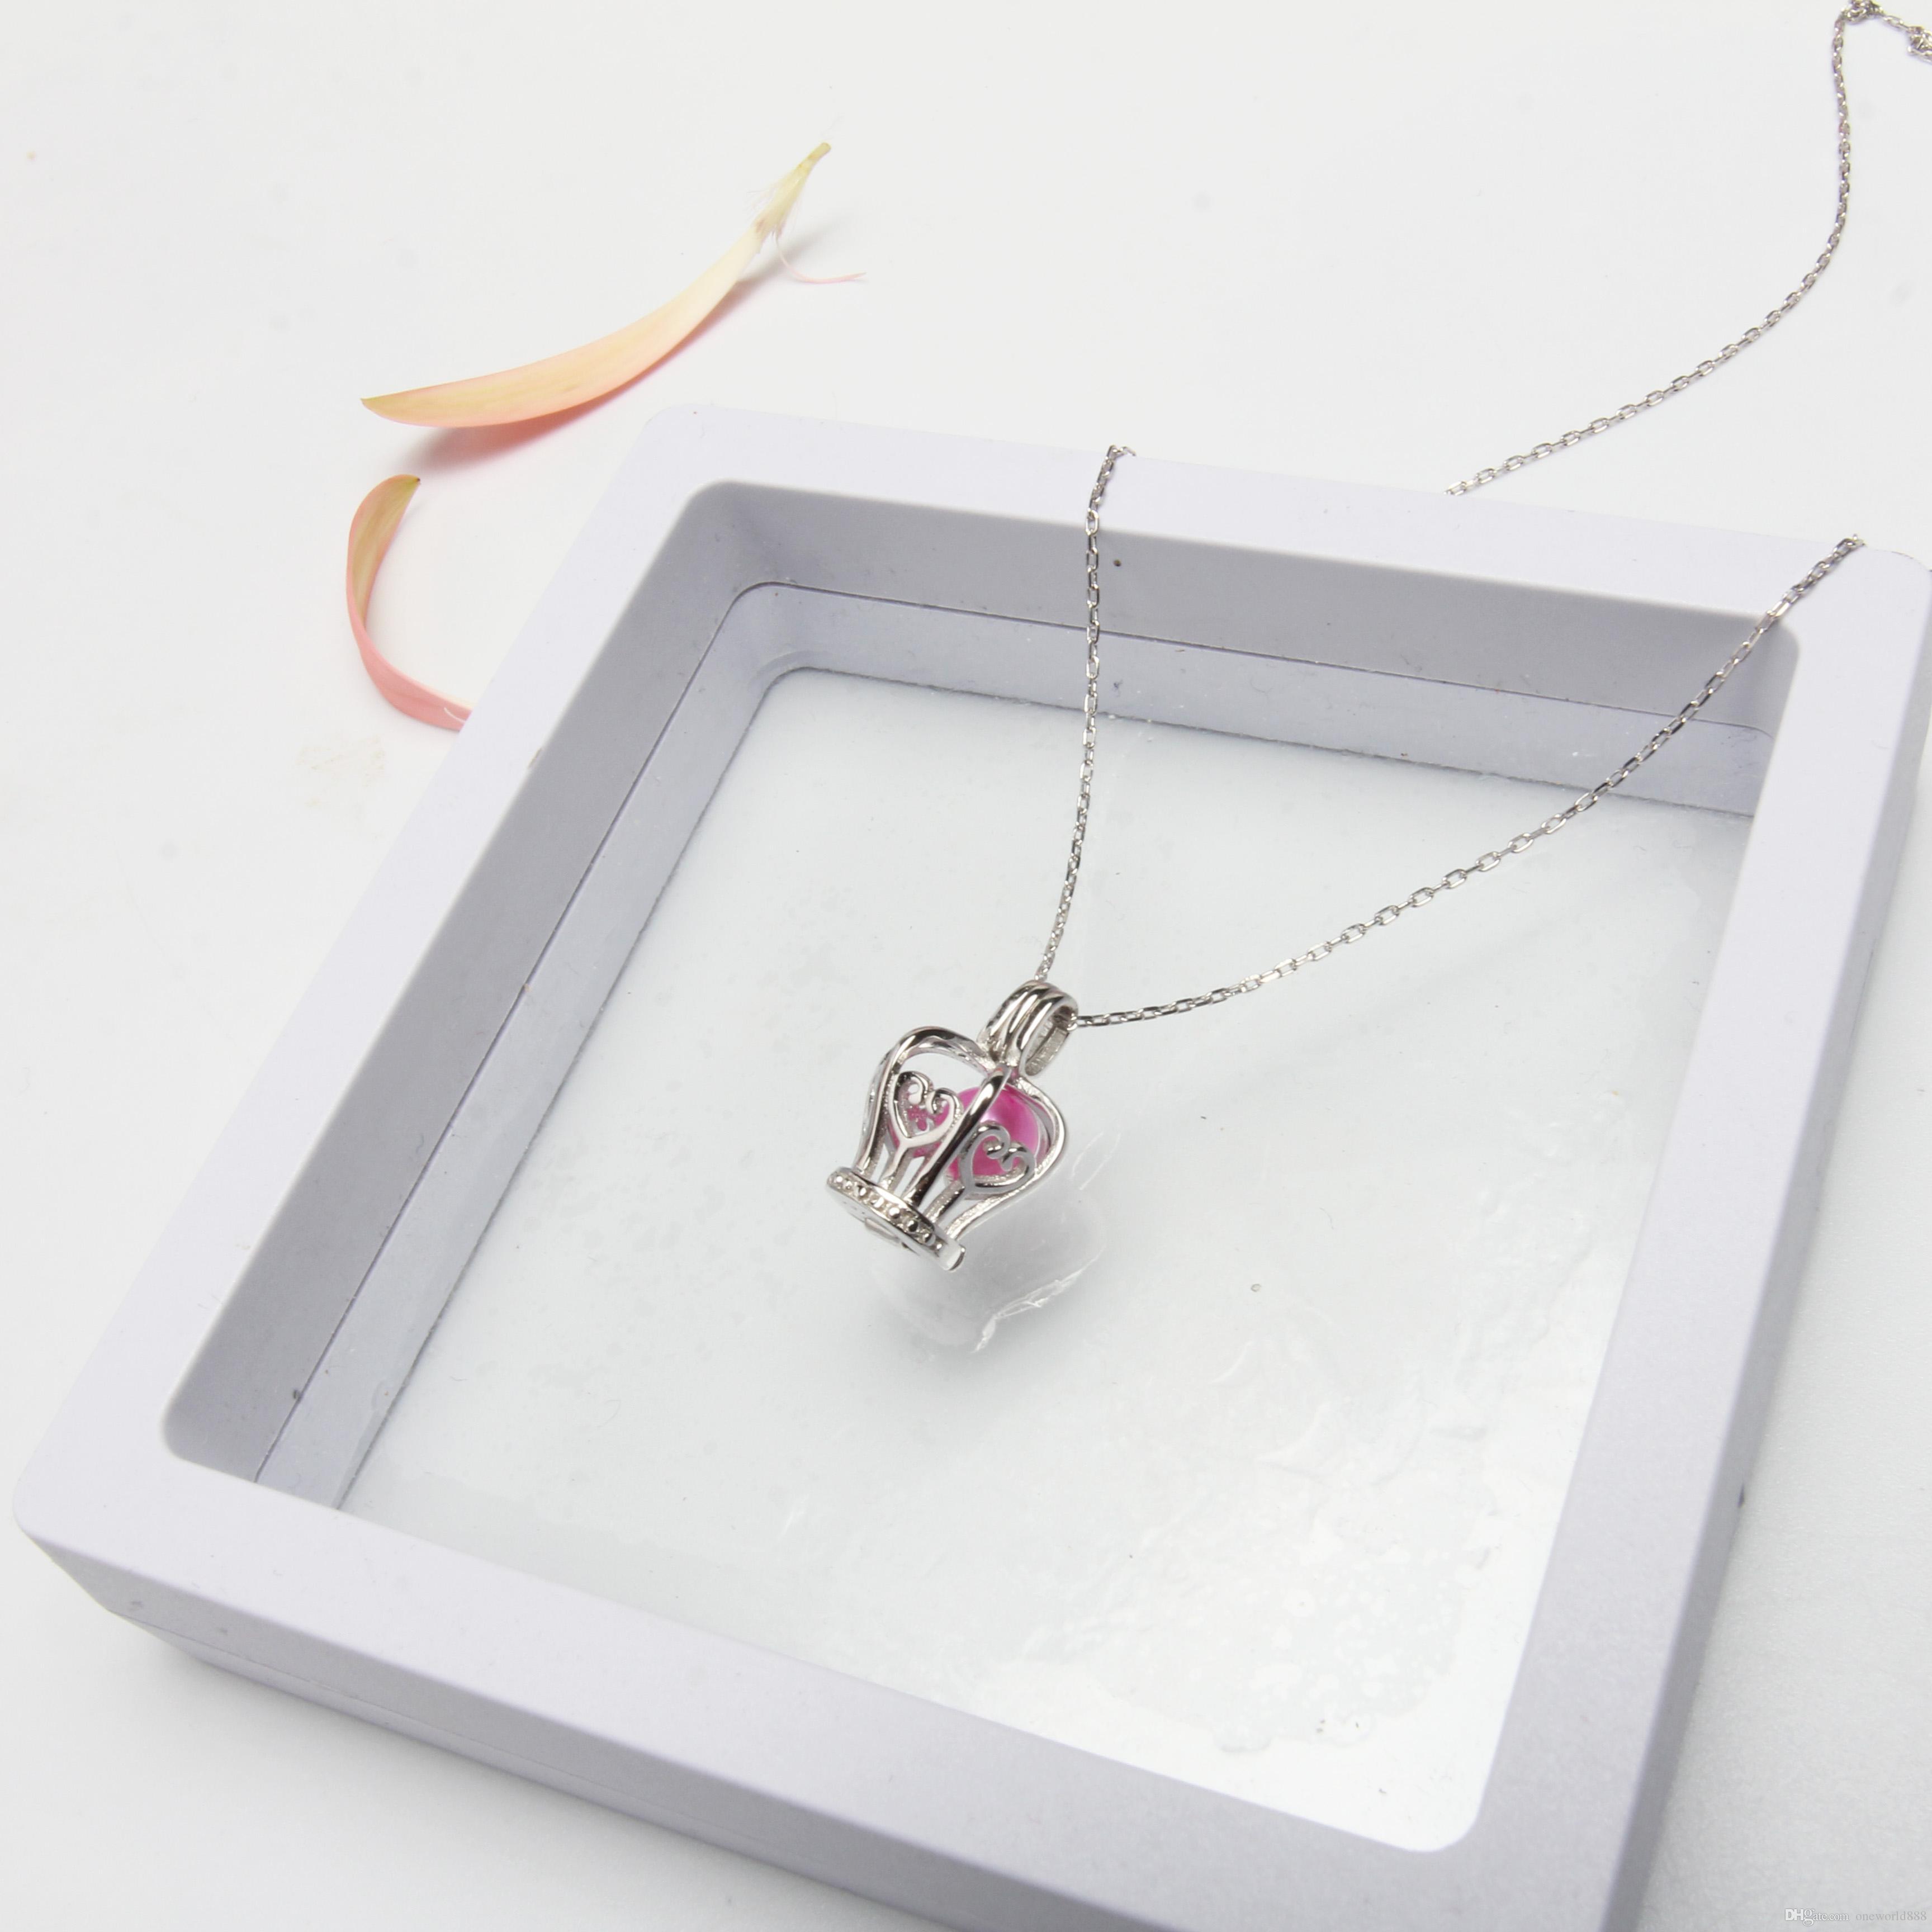 Медальоны ожерелье Корона форма стерлингового серебра 925 Жемчужина клетка кулон ювелирные изделия для подарок на День Рождения